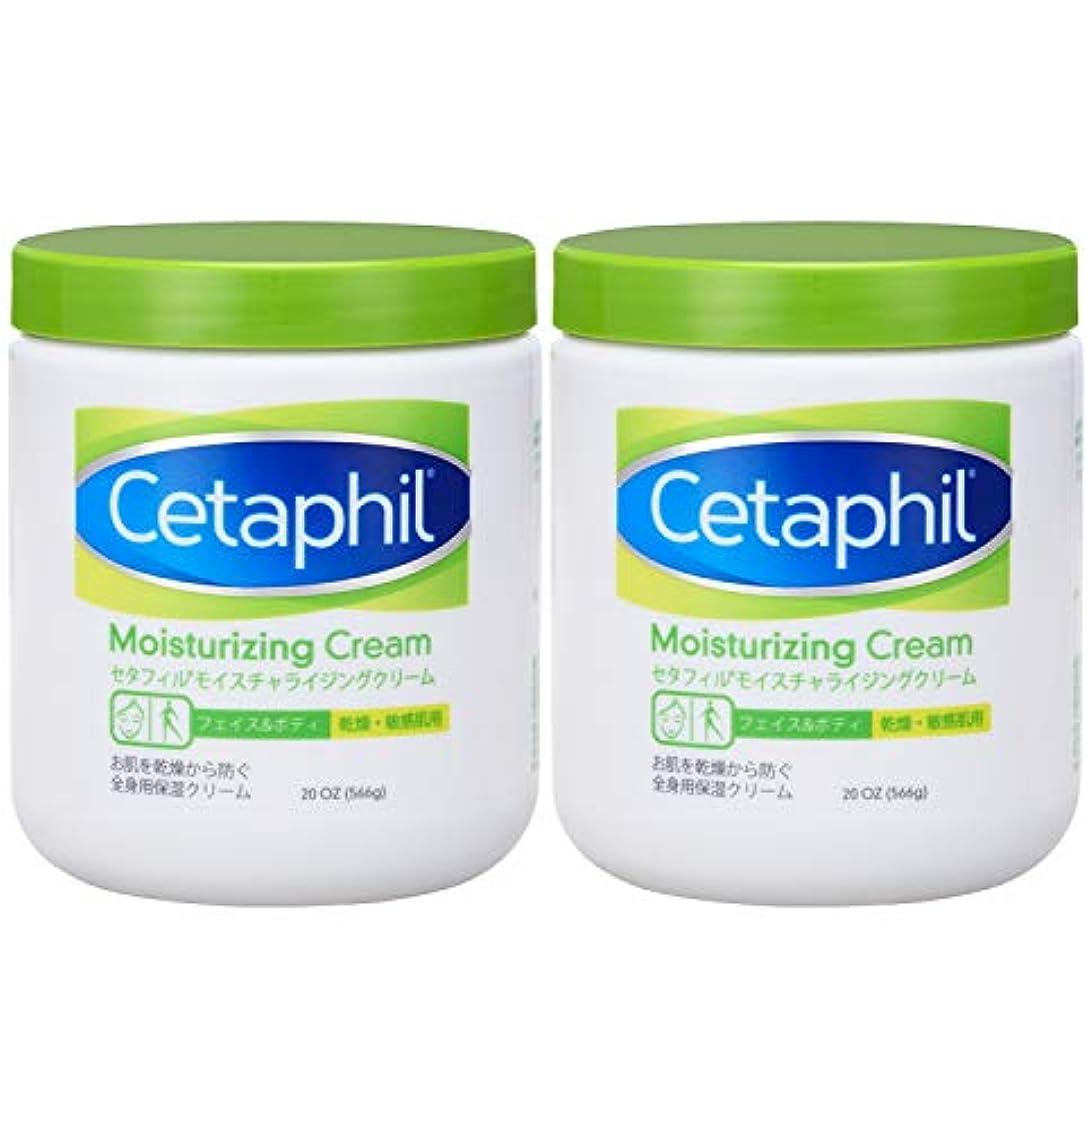 地図策定する部分的セタフィル Cetaphil ® モイスチャライジングクリーム 566ml 2本組 ( フェイス & ボディ 保湿クリーム クリーム )